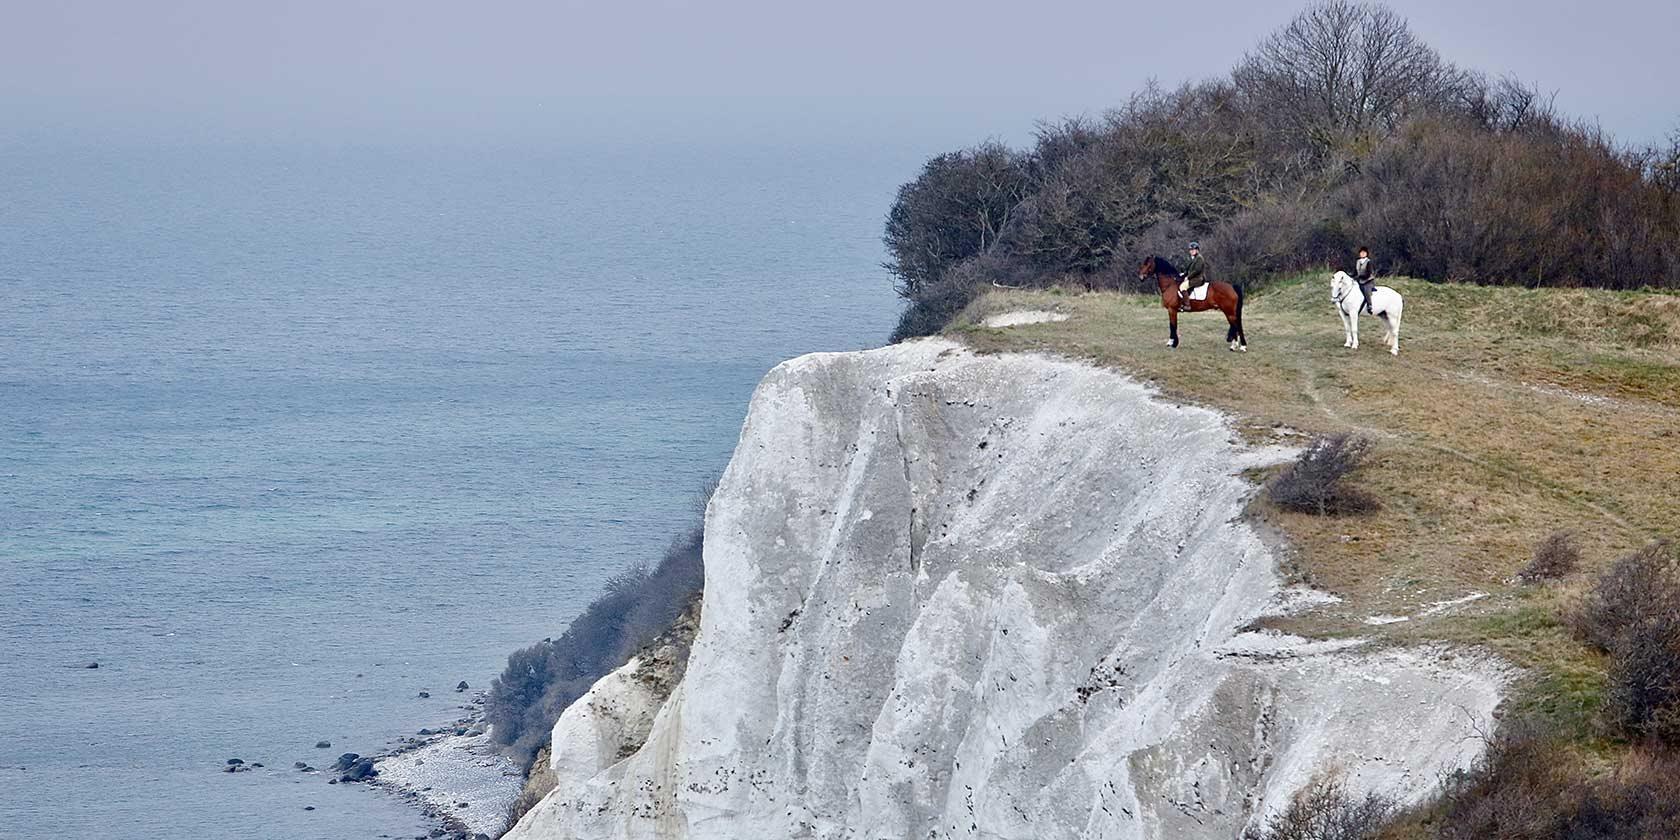 En ridetur i noget af landets smukkeste natur